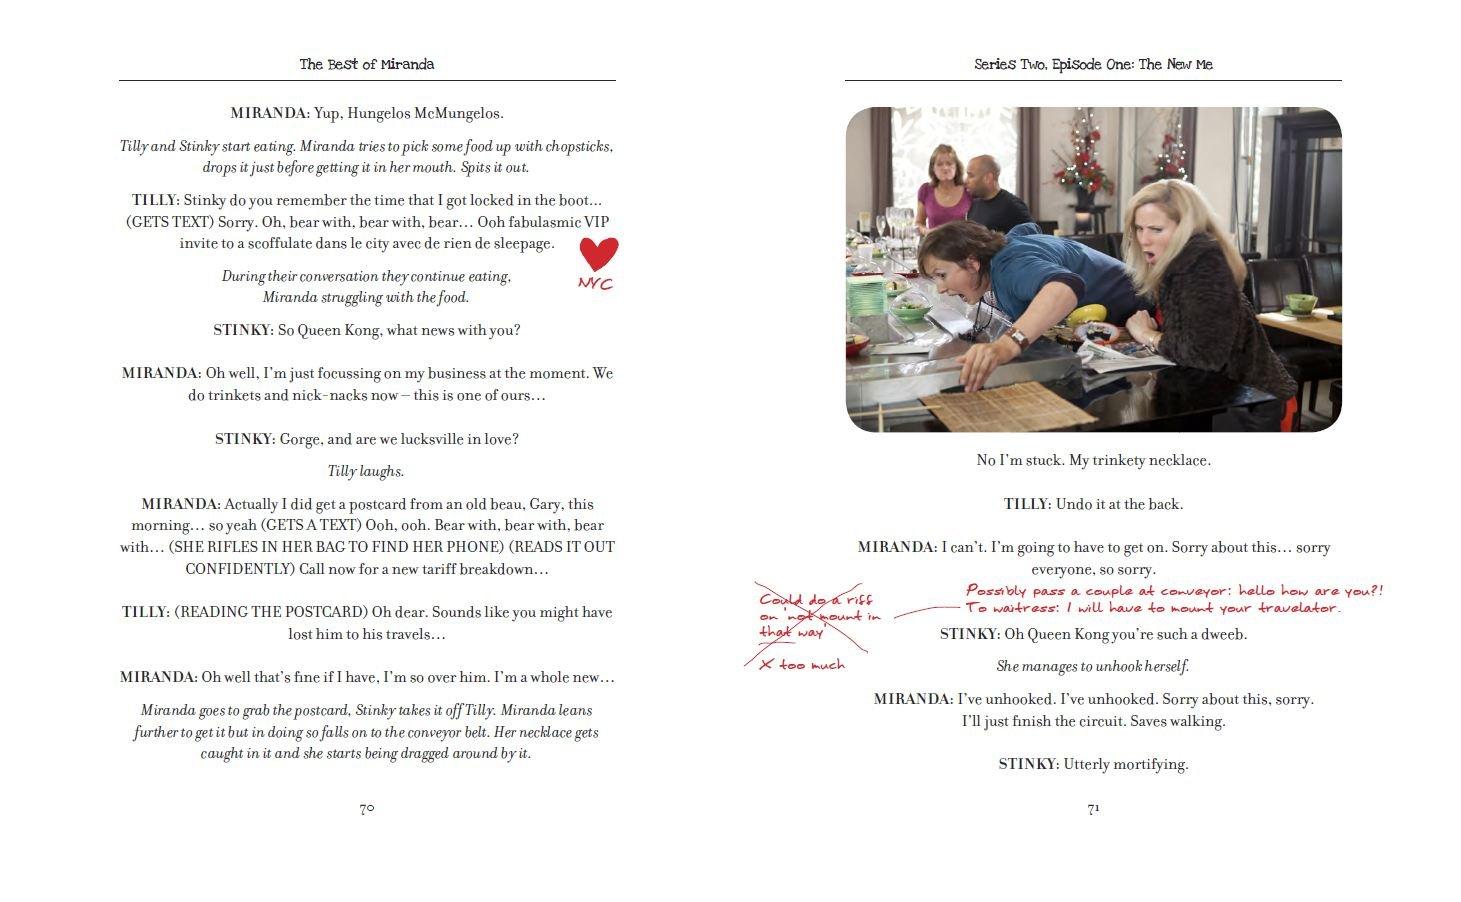 The Best of Miranda, le livre 71xLqxud4lL